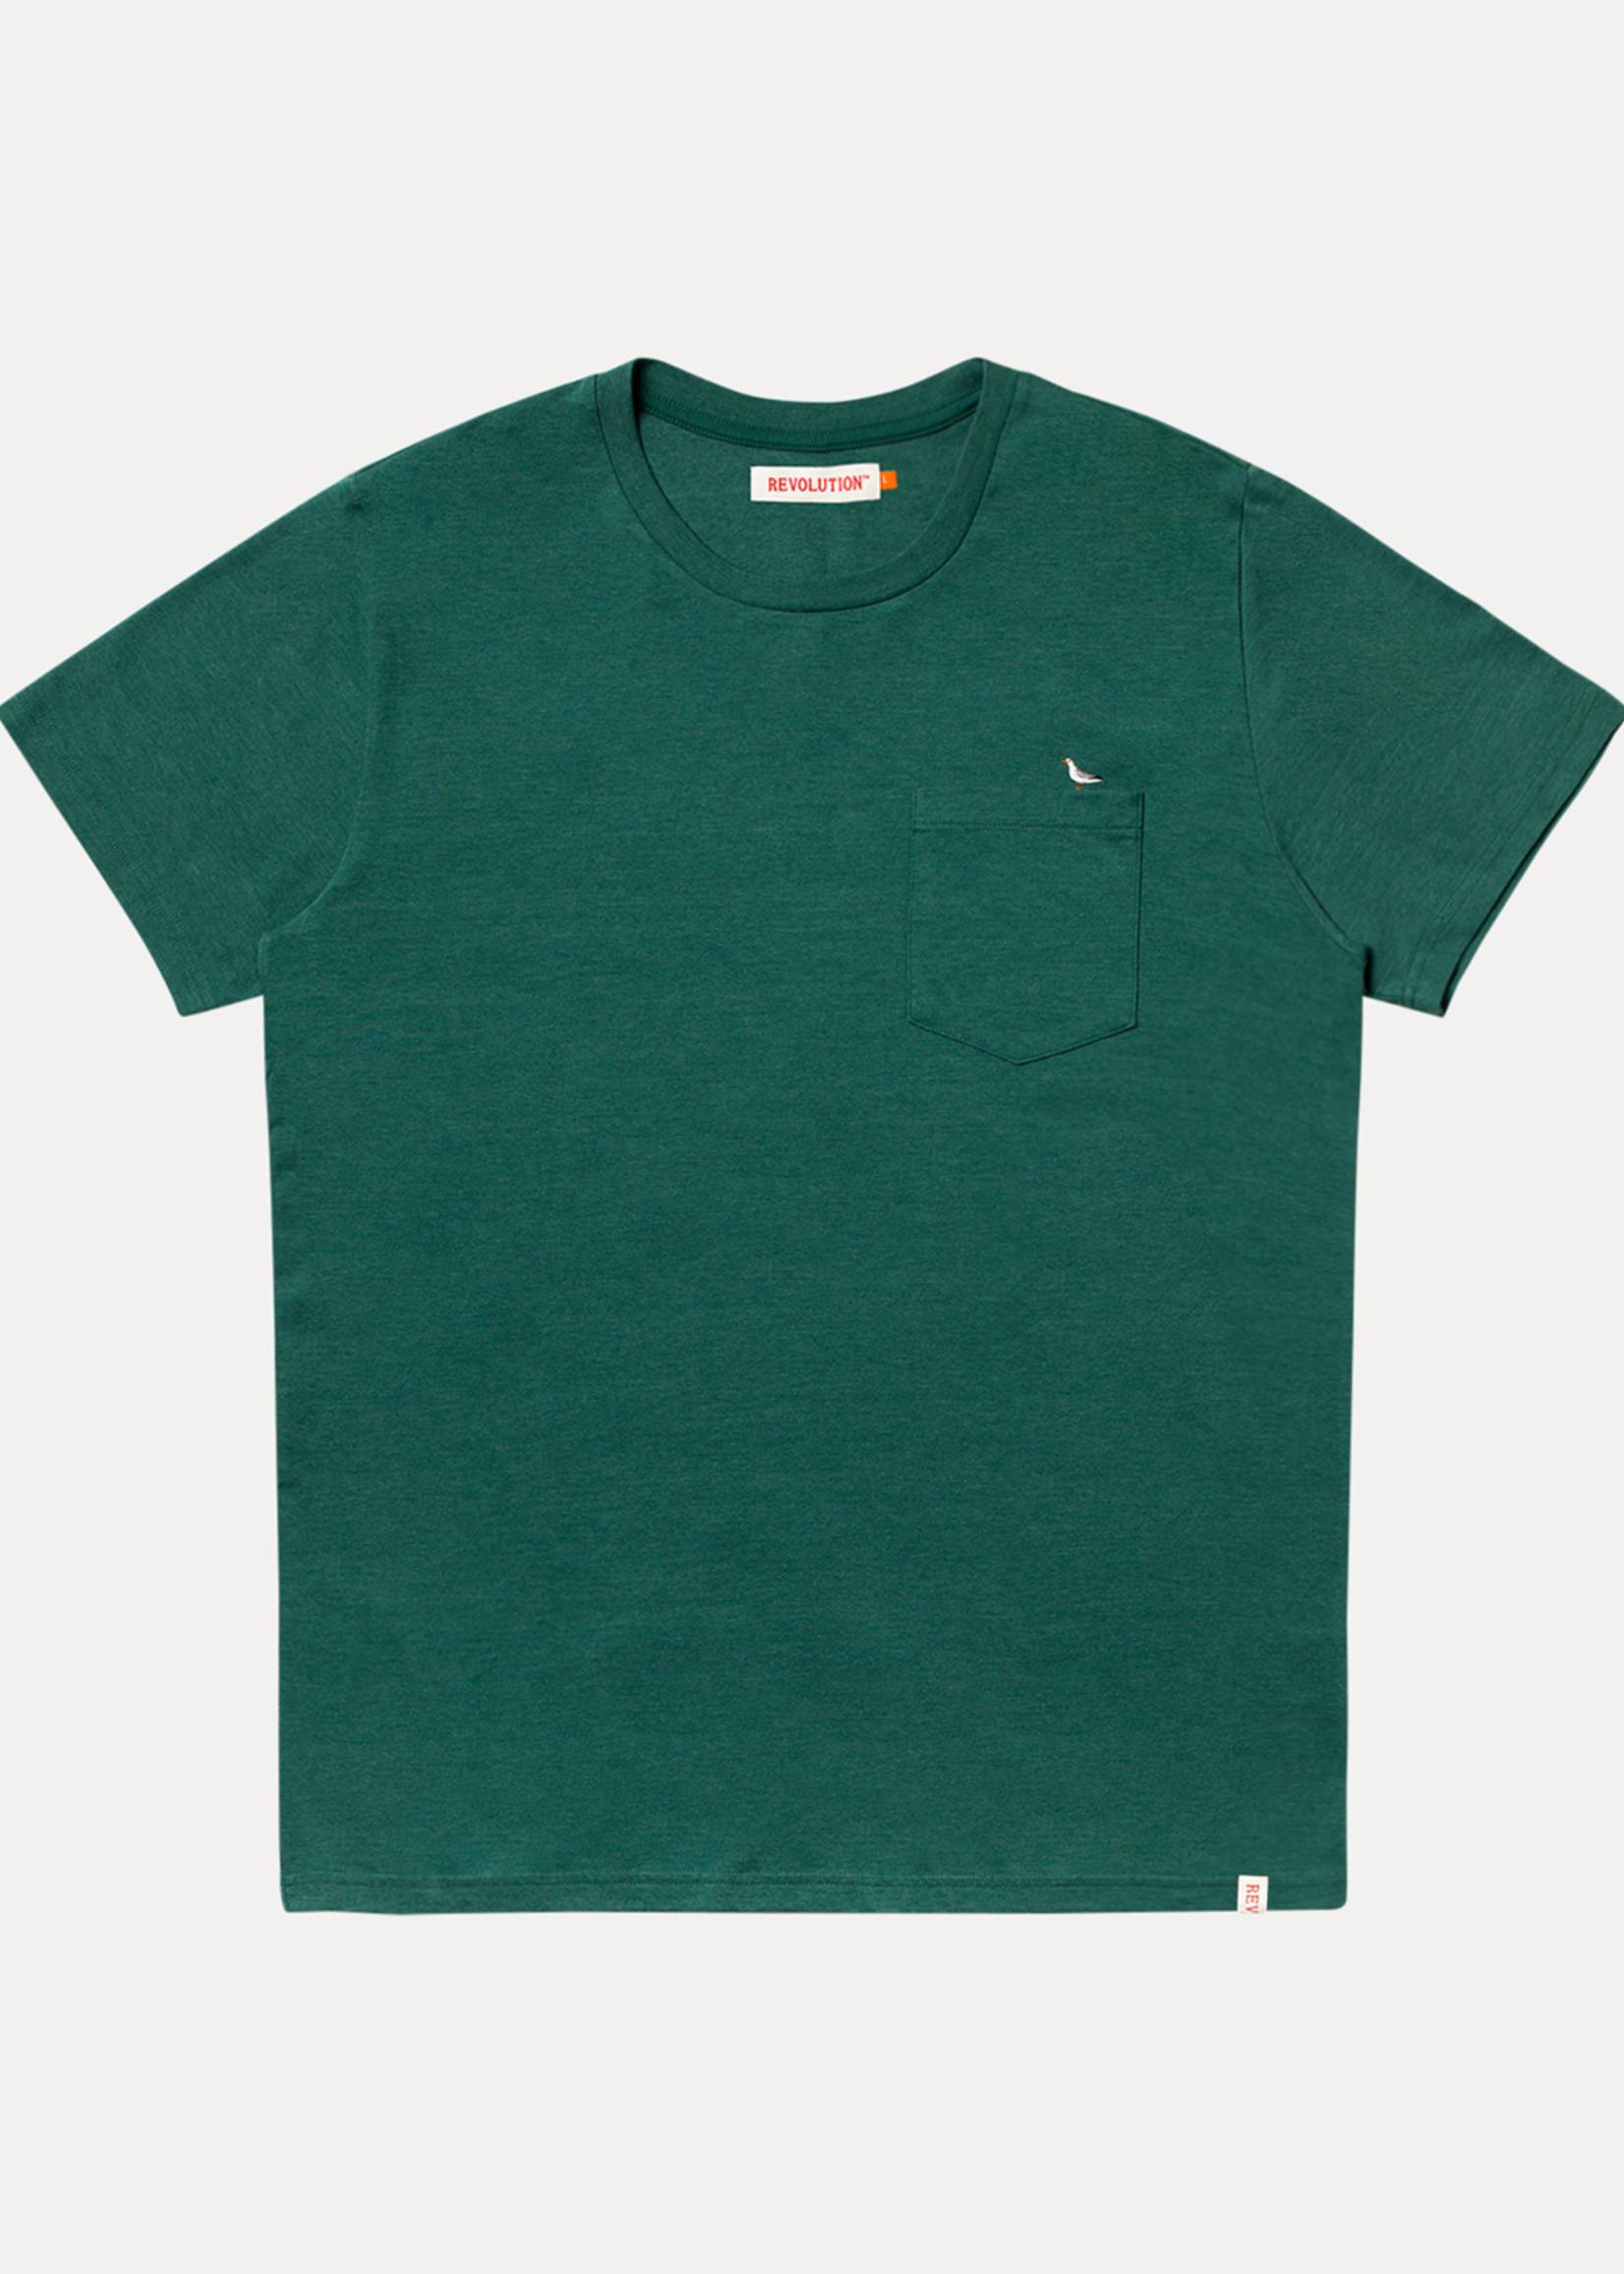 Revolution 1213 SEA Regular T-Shirt